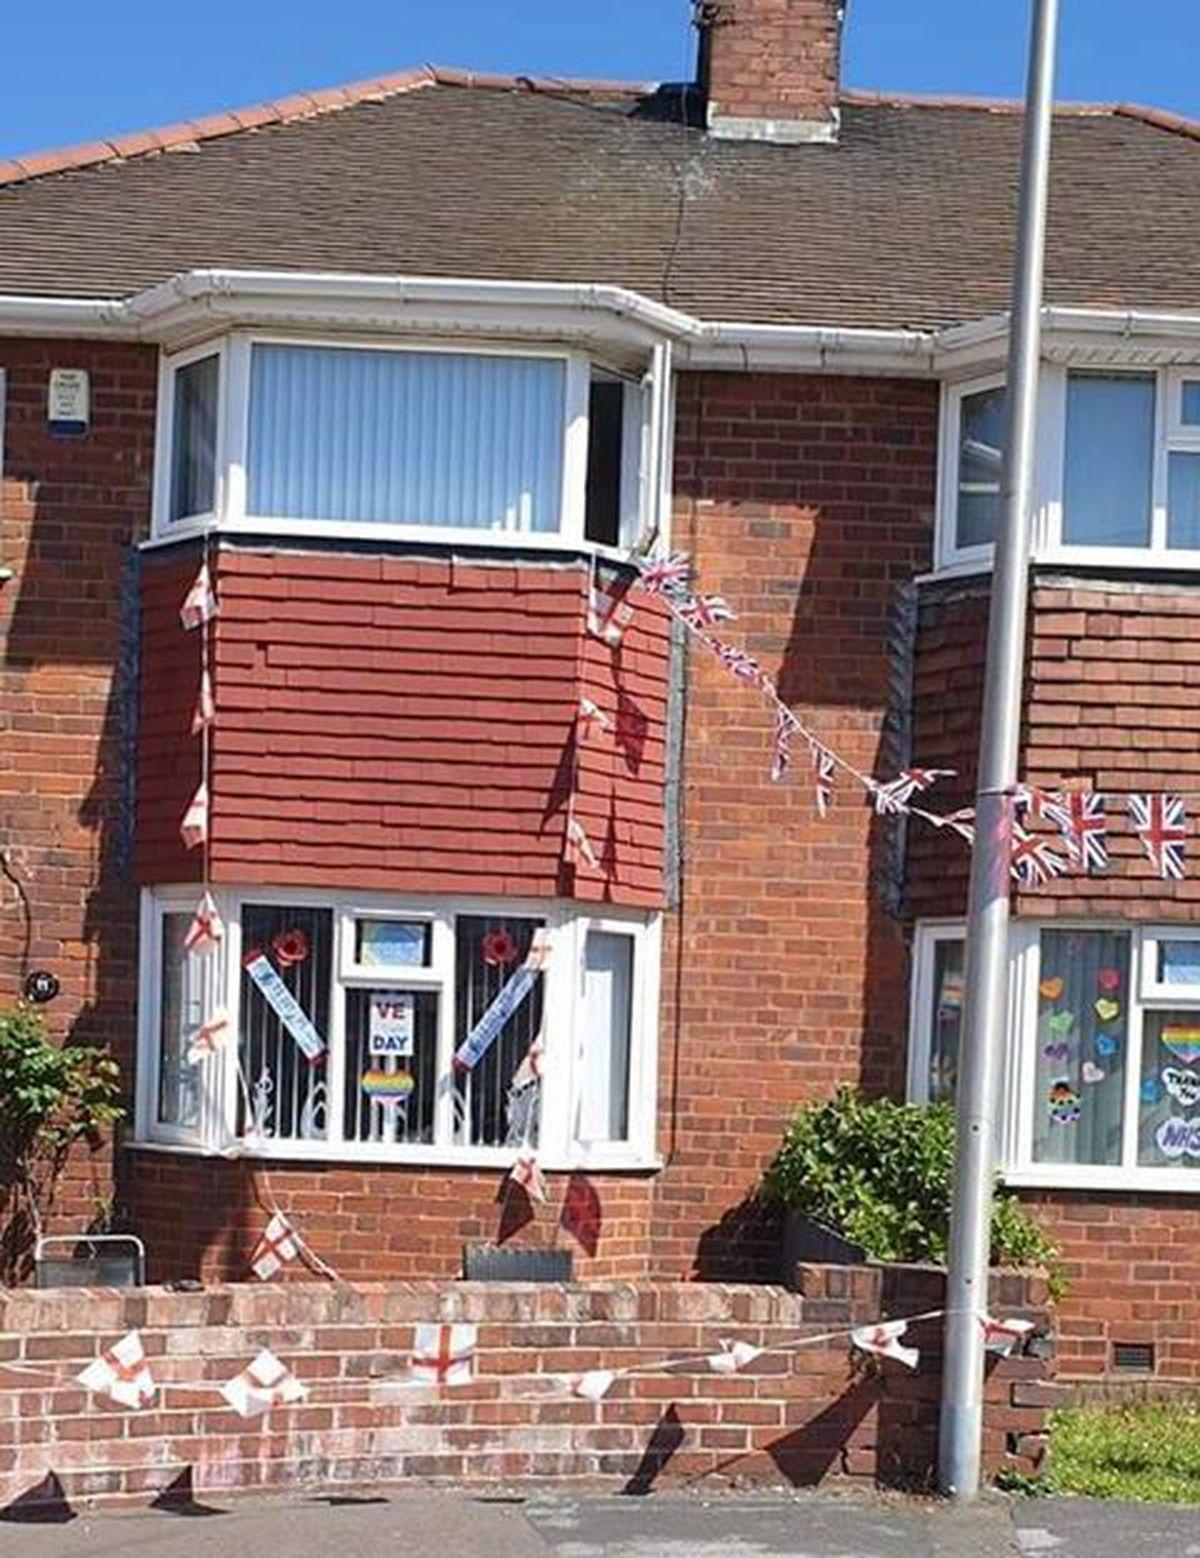 Window displays in Lawley Street, West Bromwich. Photo: Lyn Ferguson Hunt